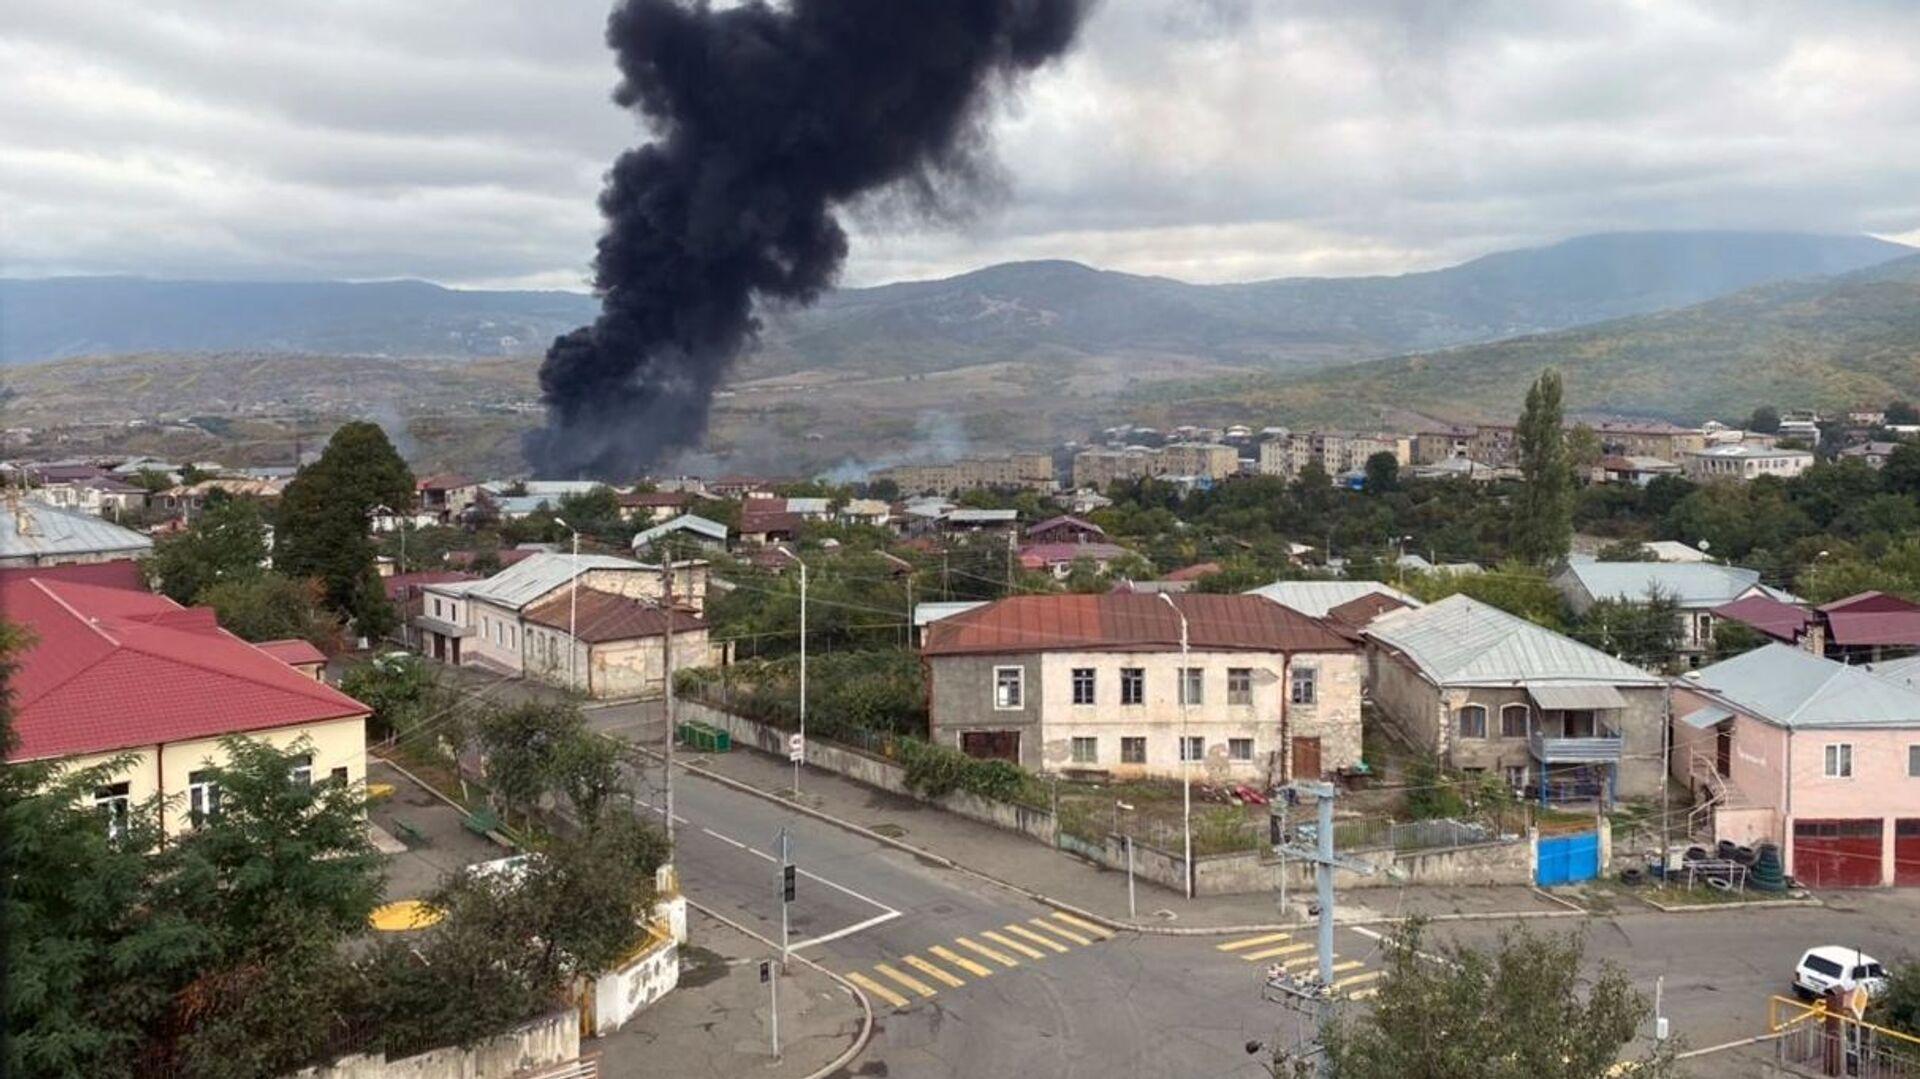 Consecuencias del ataque a la capital de Nagorno Karabaj, Stepanakert - Sputnik Mundo, 1920, 13.09.2021